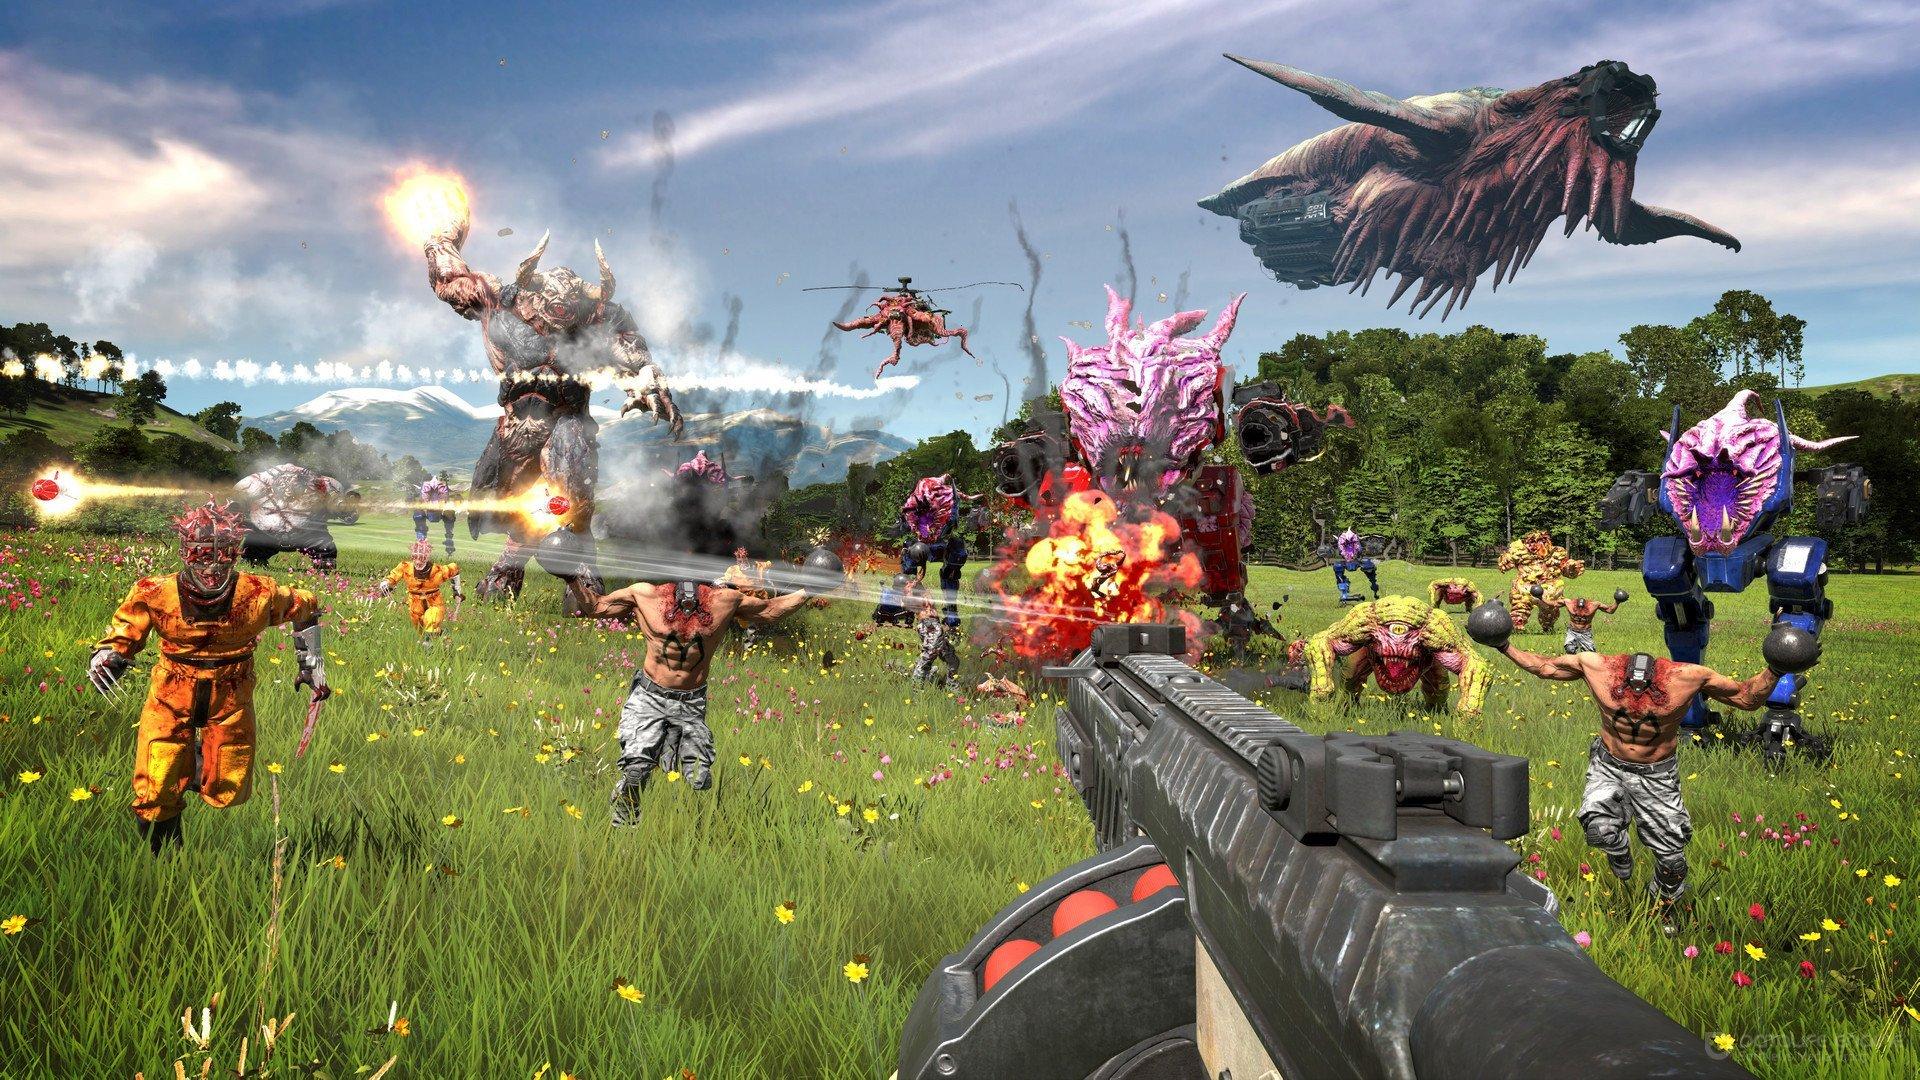 Скриншот к игре Serious Sam 4: Deluxe Edition [v 1.07 + DLC] (2020) скачать торрент RePack от R.G. Механики